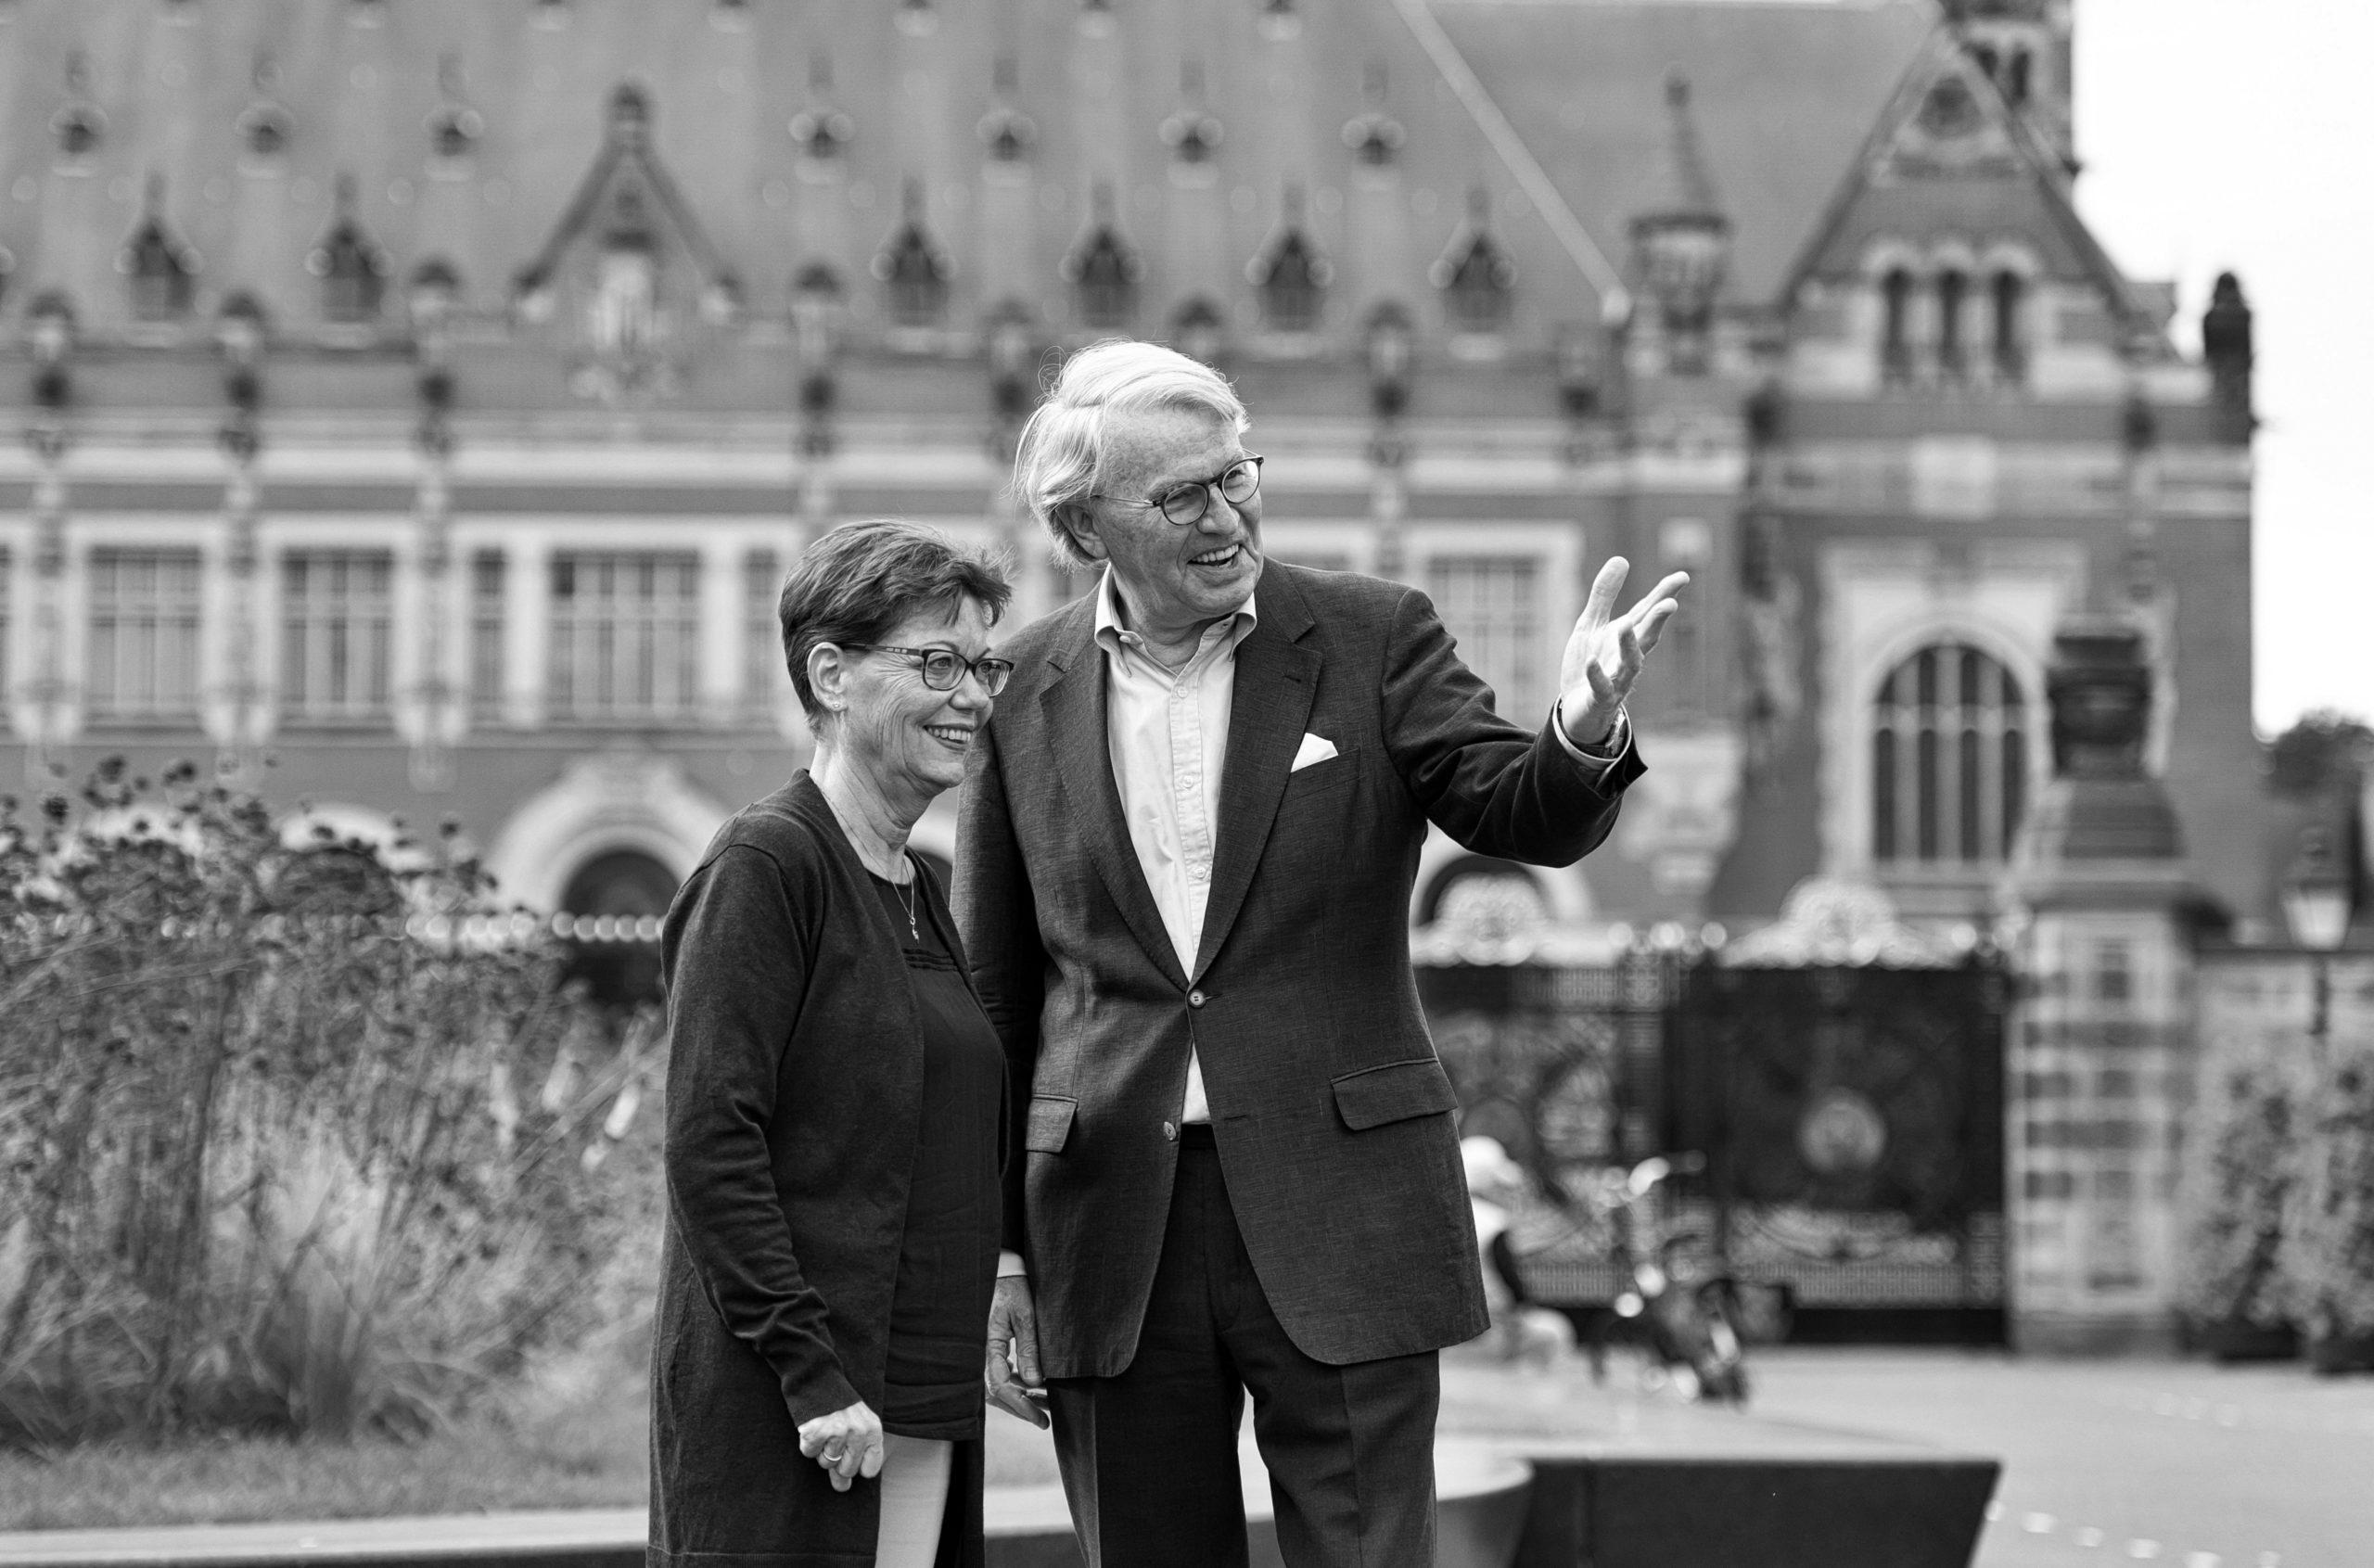 Een man en een vrouw die buiten staan en beter kunnen zien met hun nieuwe bril op